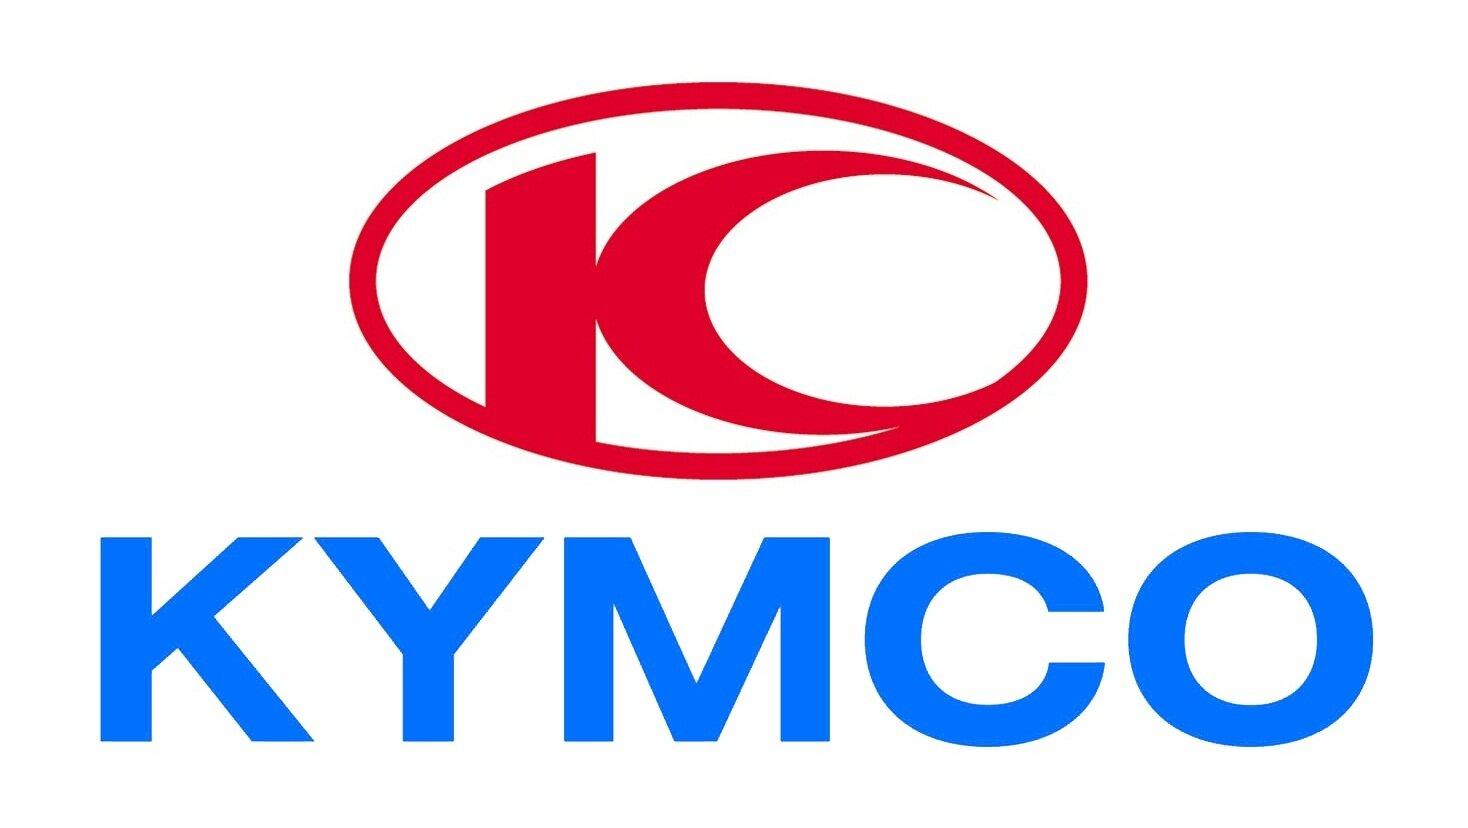 Bảng giá xe máy Kymco chính hãng rẻ nhất hiện nay 9/2017